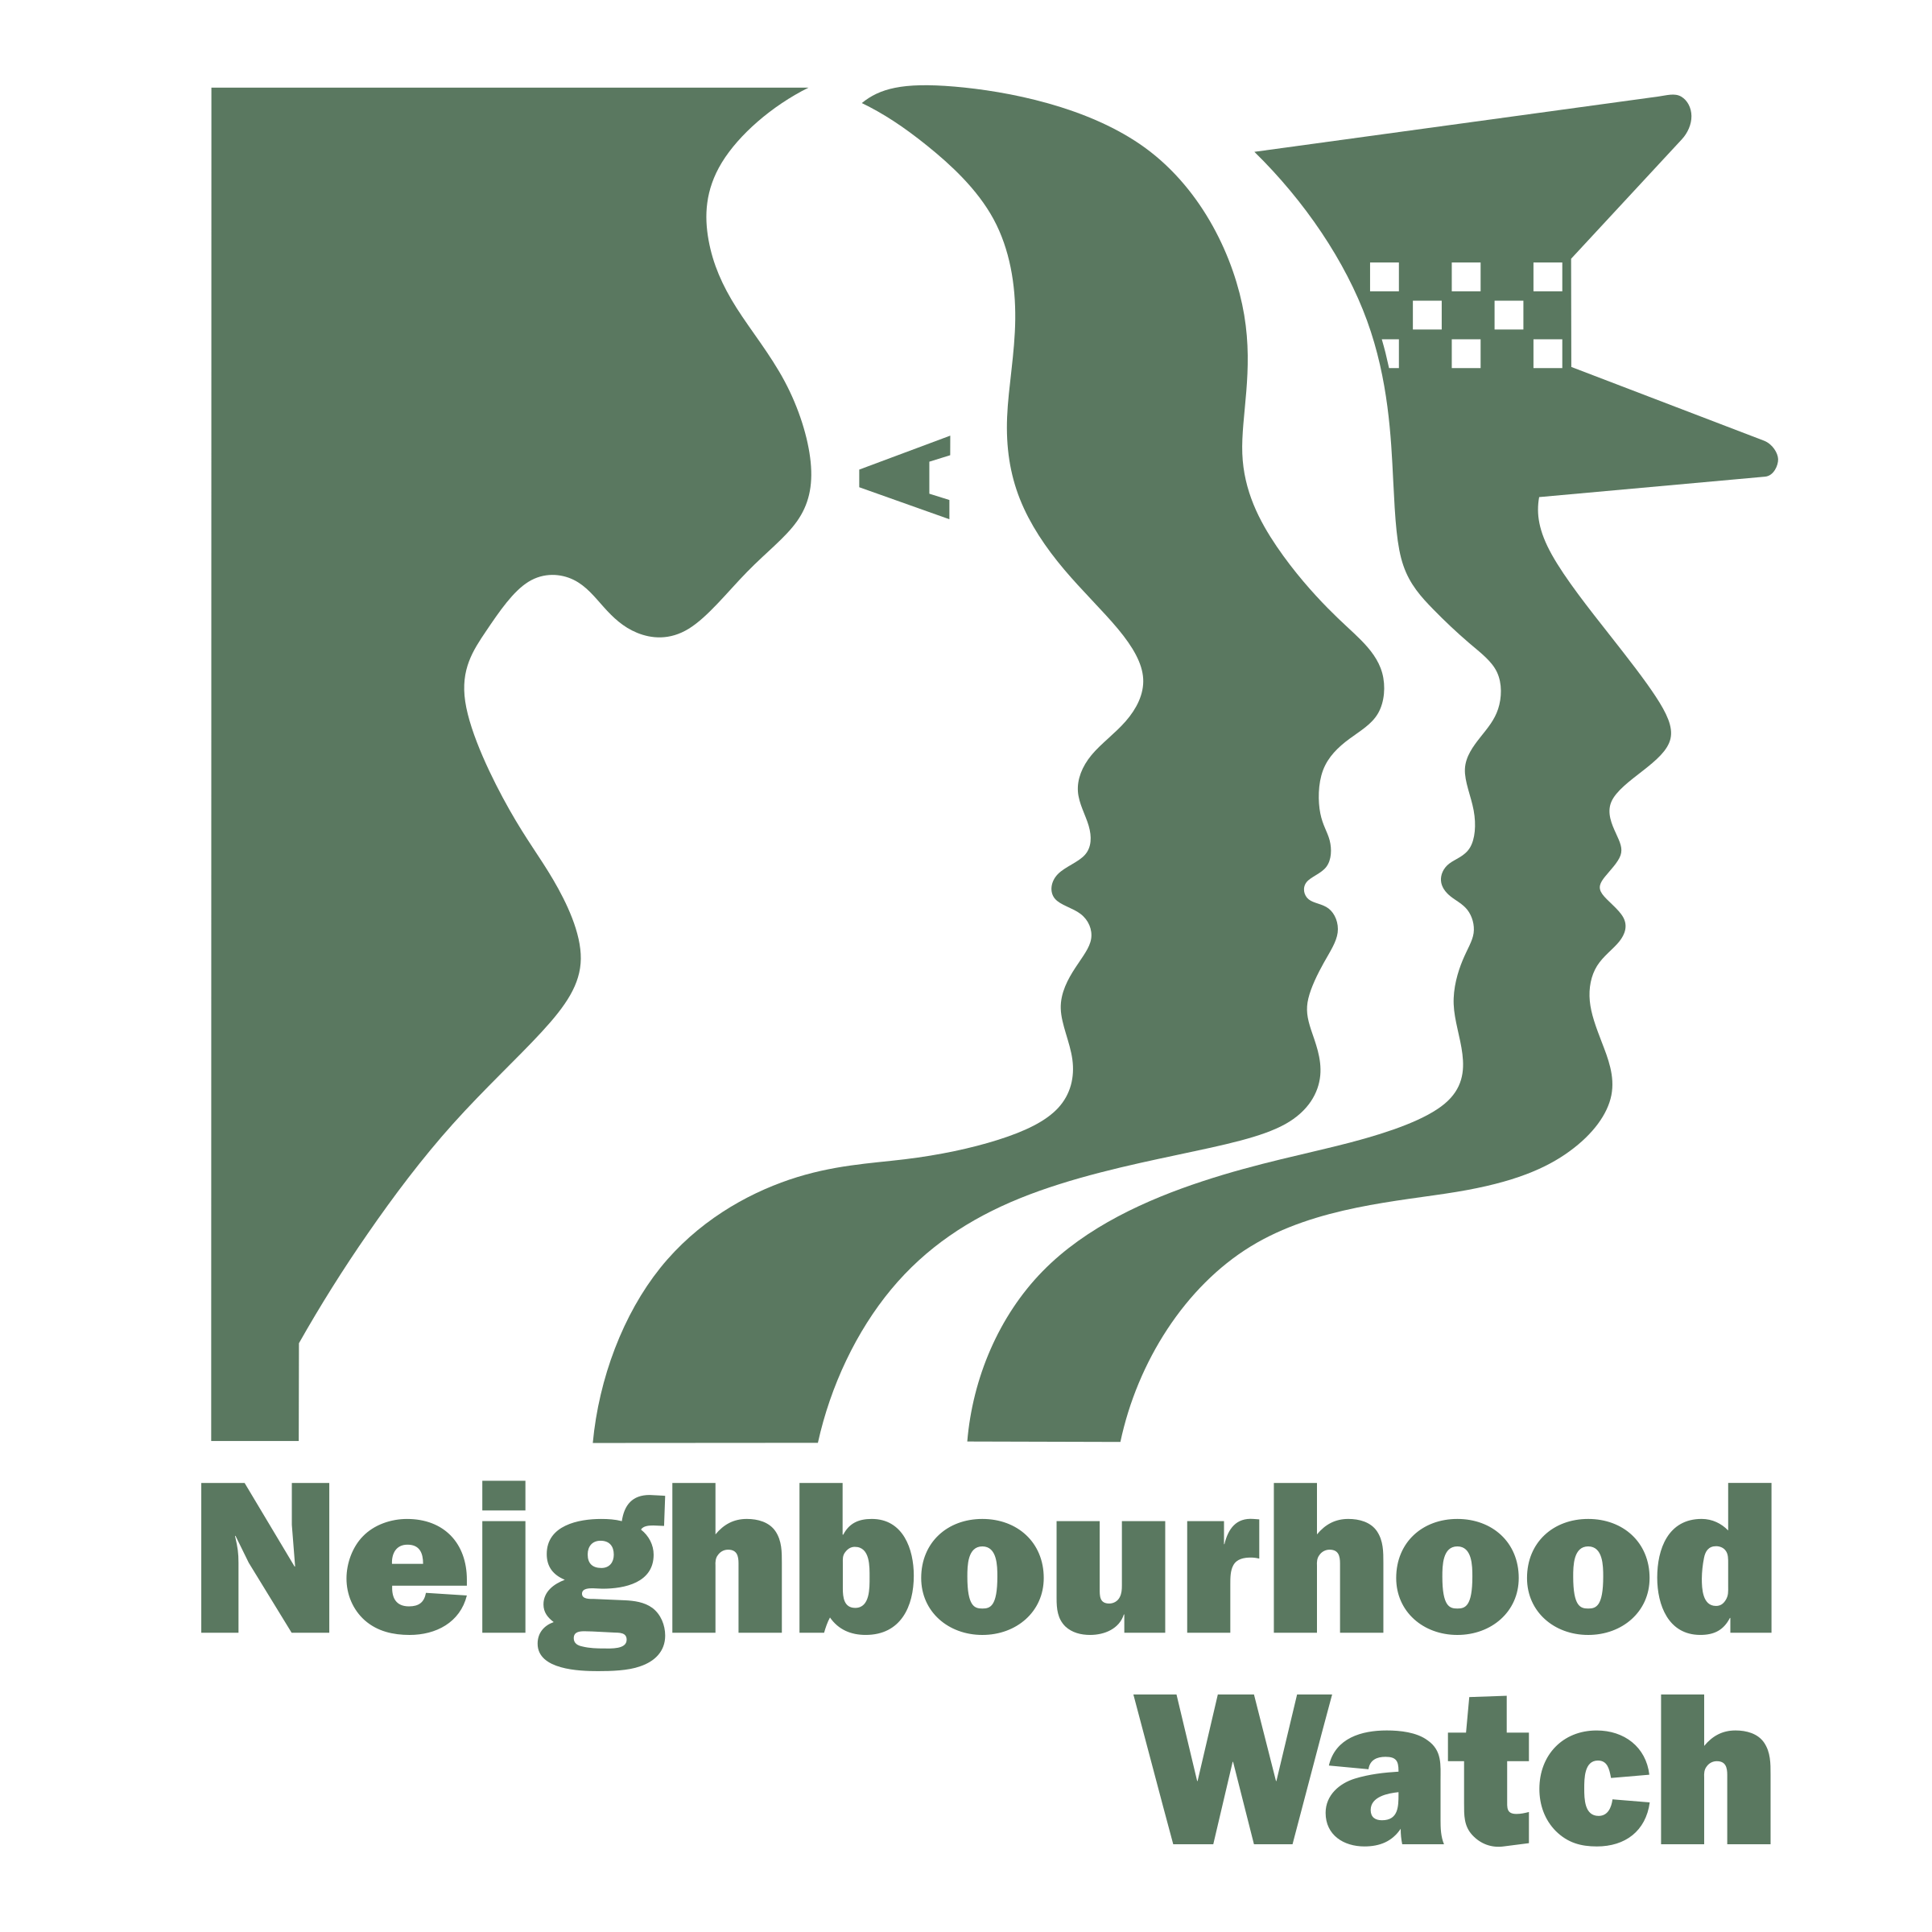 Neighbourhood Watch Logo Png Transparent Svg Vector Freebie Supply